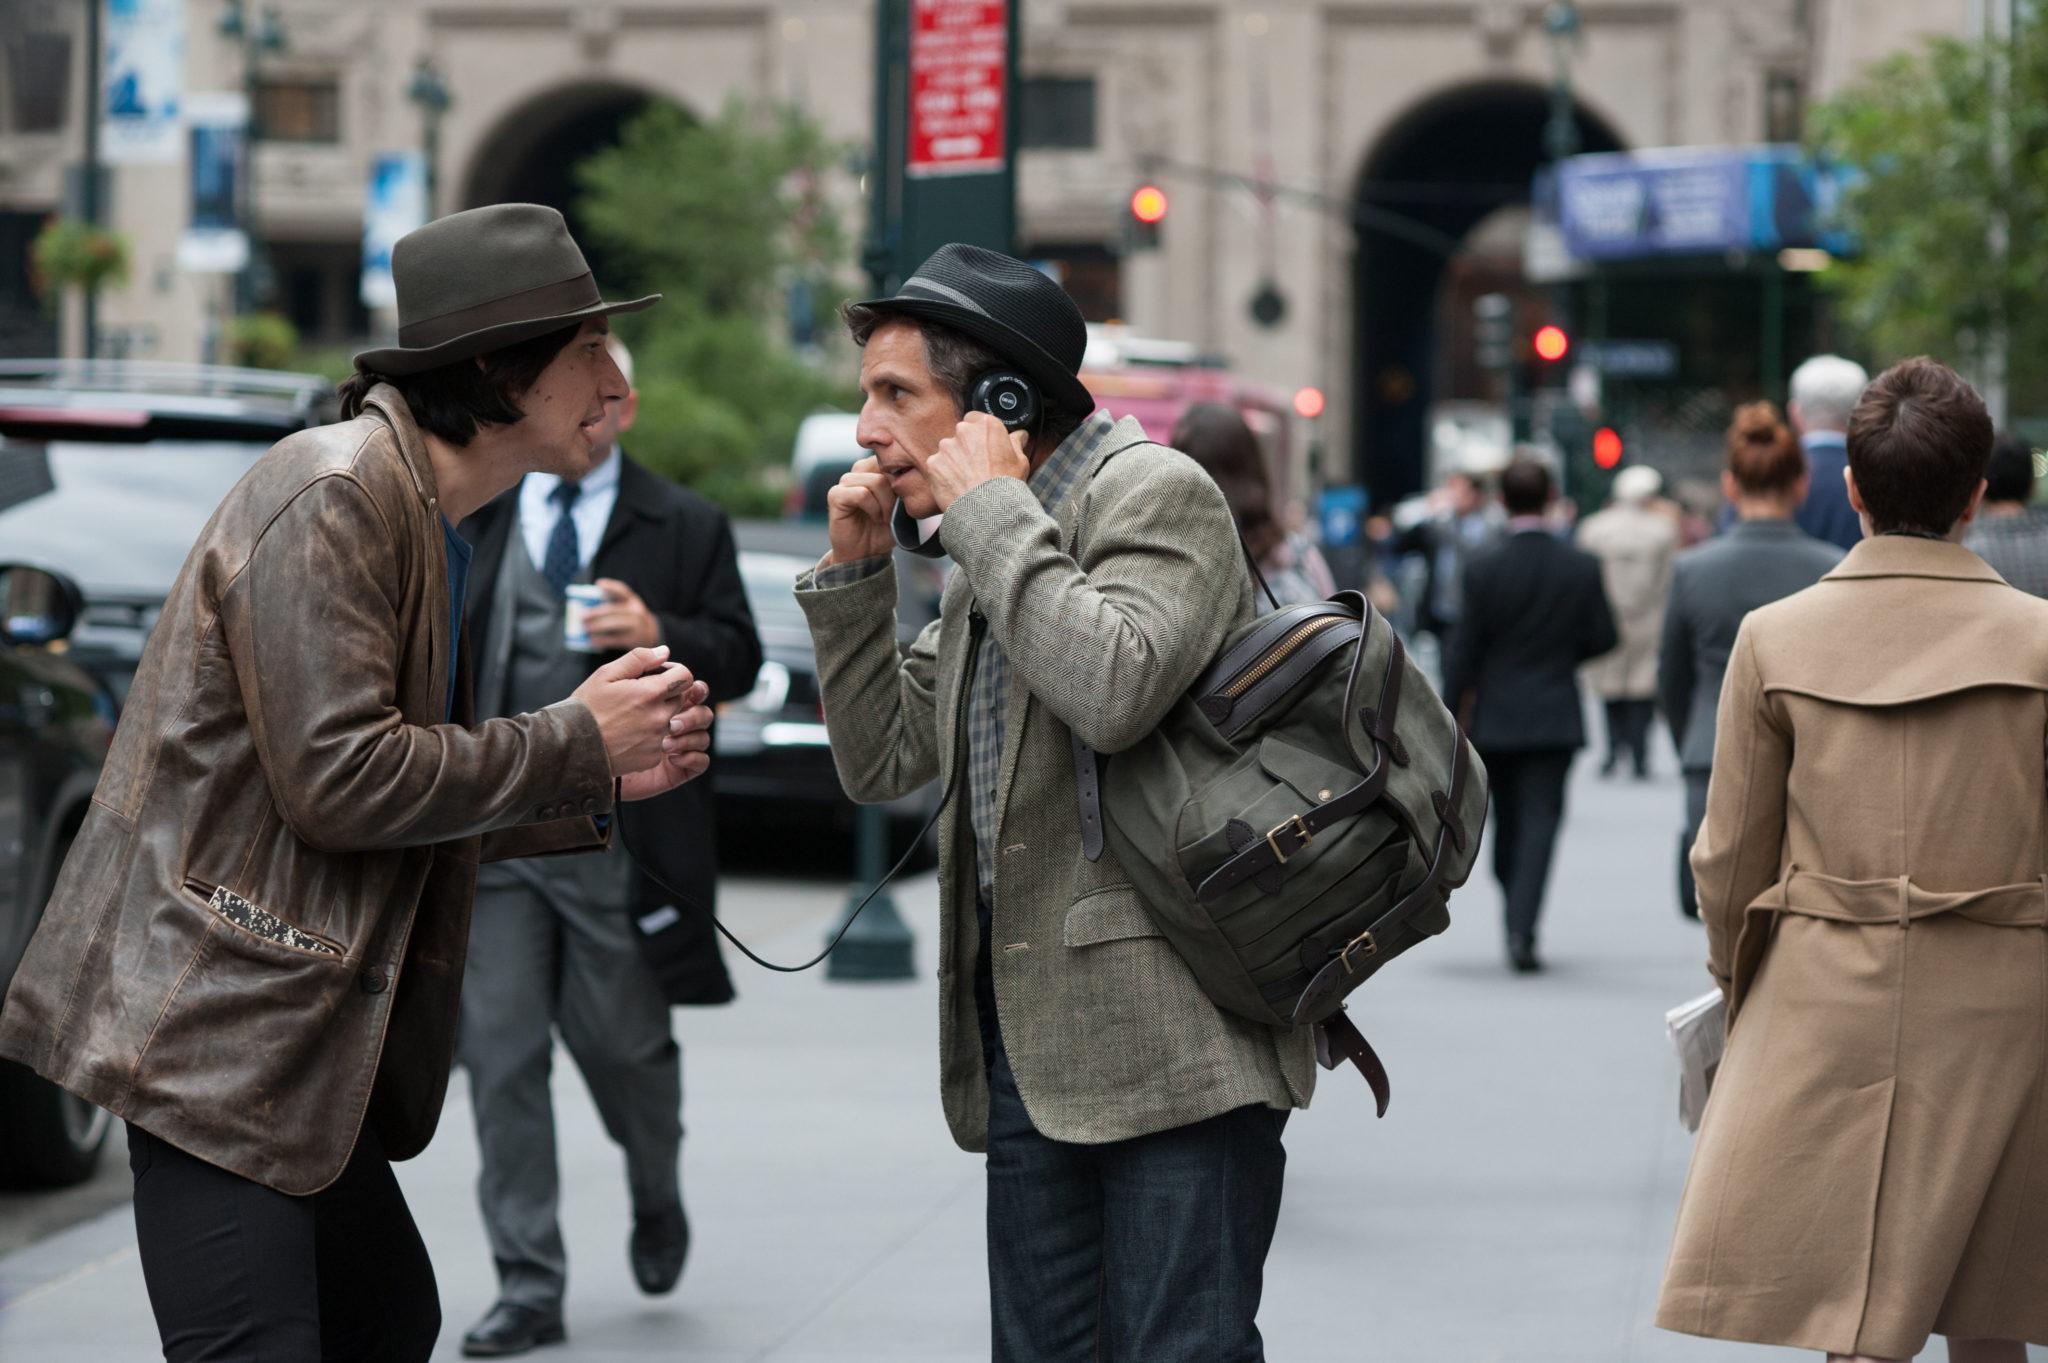 """Josh passt sich mehr und mehr auch optisch an Jamie an (Adam Driver, links, und Ben Stiller in """"Gefühlt Mitte Zwanzig"""", Foto: Square One/Universum)"""